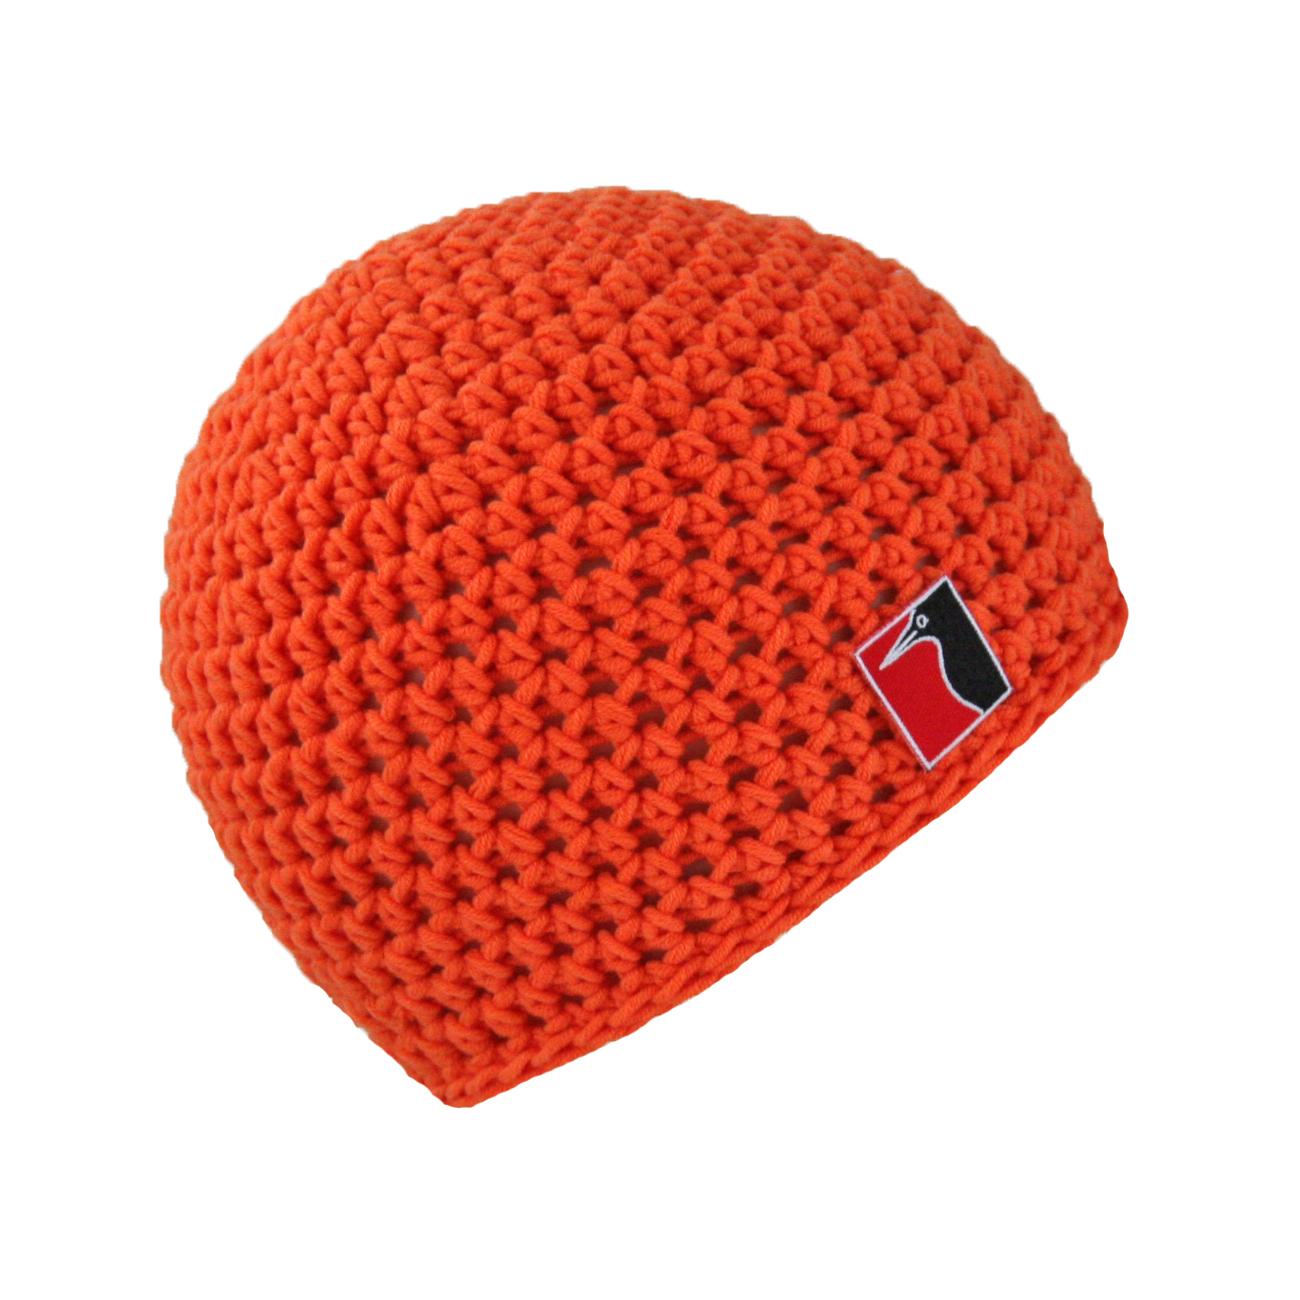 gehäkelte Sommermütze orange